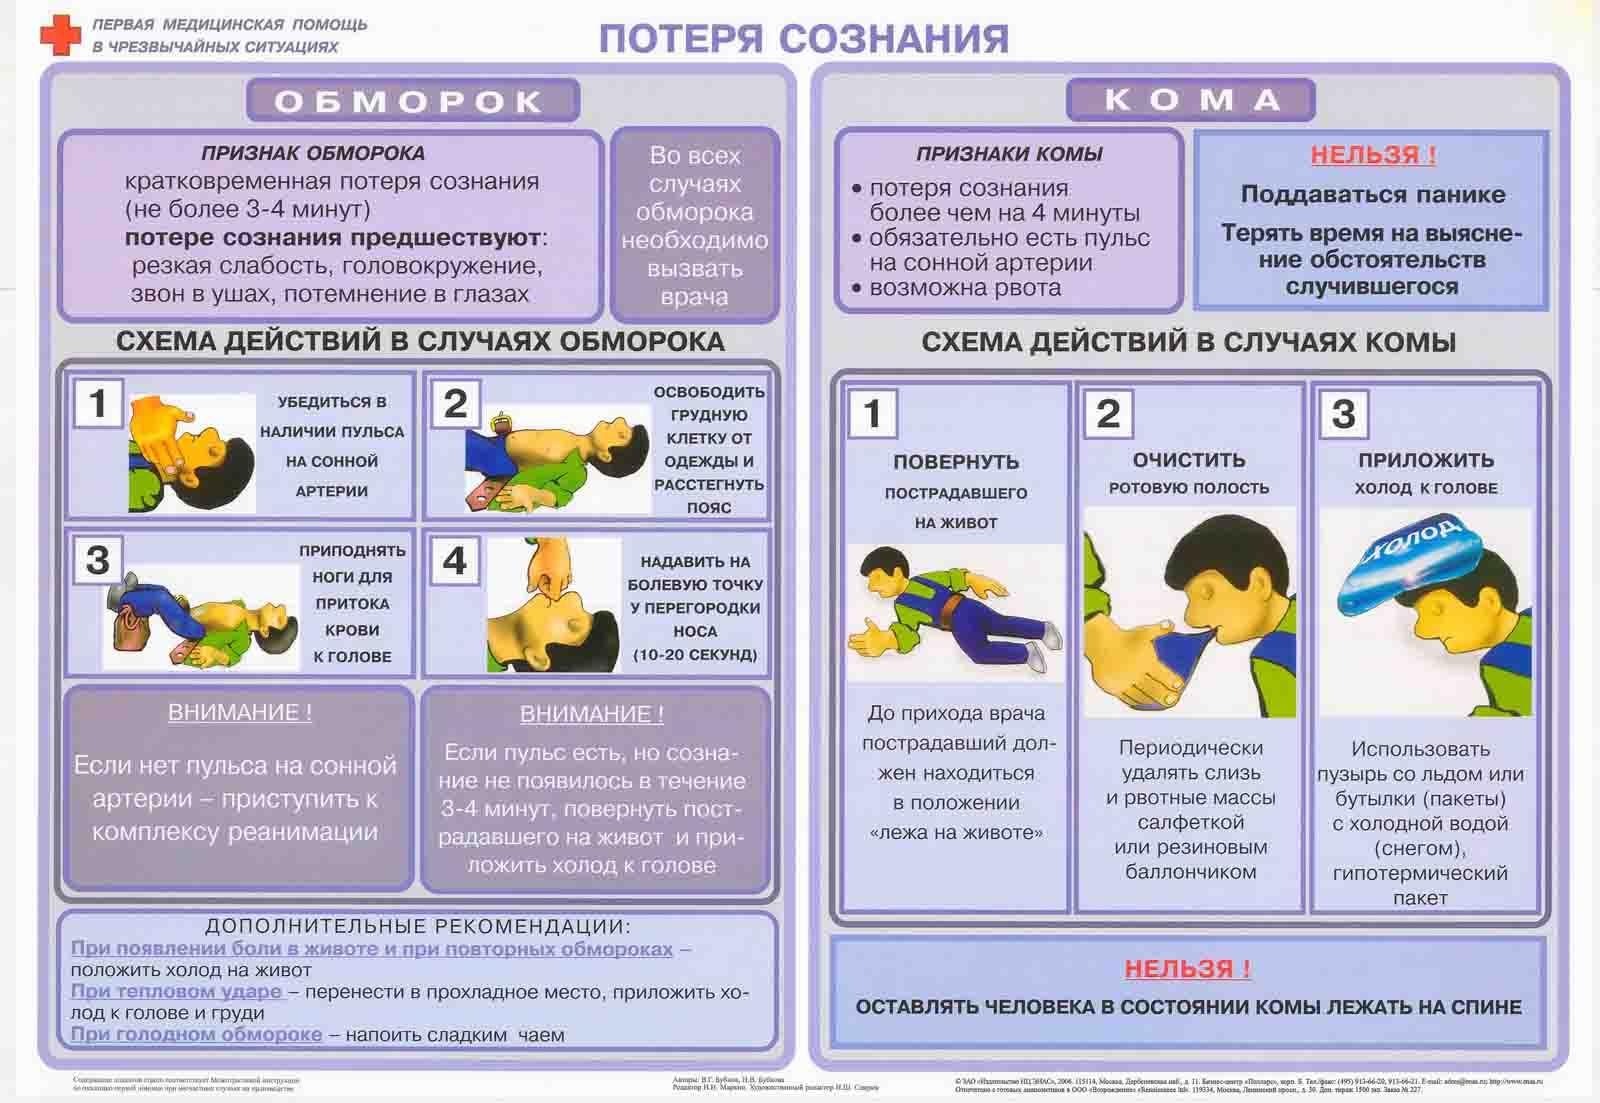 На фото инфографика, памятка оказания неотложной медицинской помощи при обмороке и коме. Схема действий в случае обморока и схема действий в случае комы и что делать нельзя.